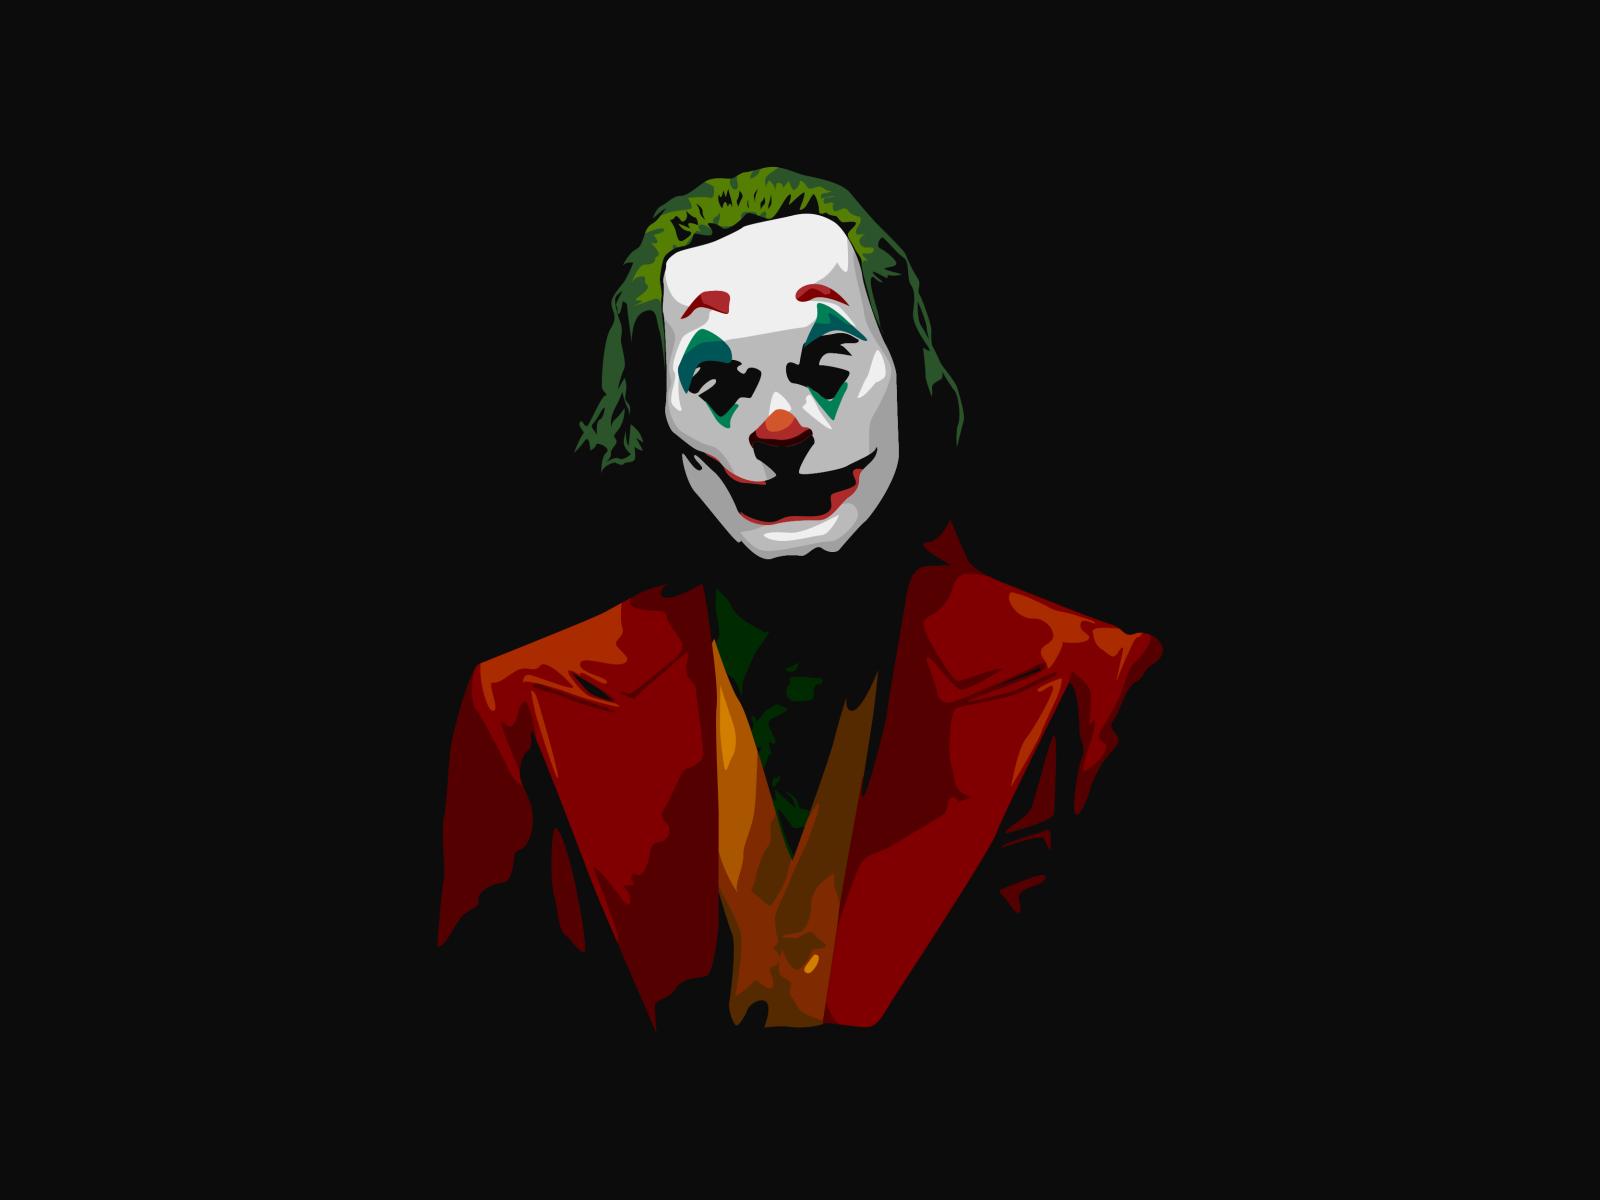 Joker By Afnan Assagav On Dribbble